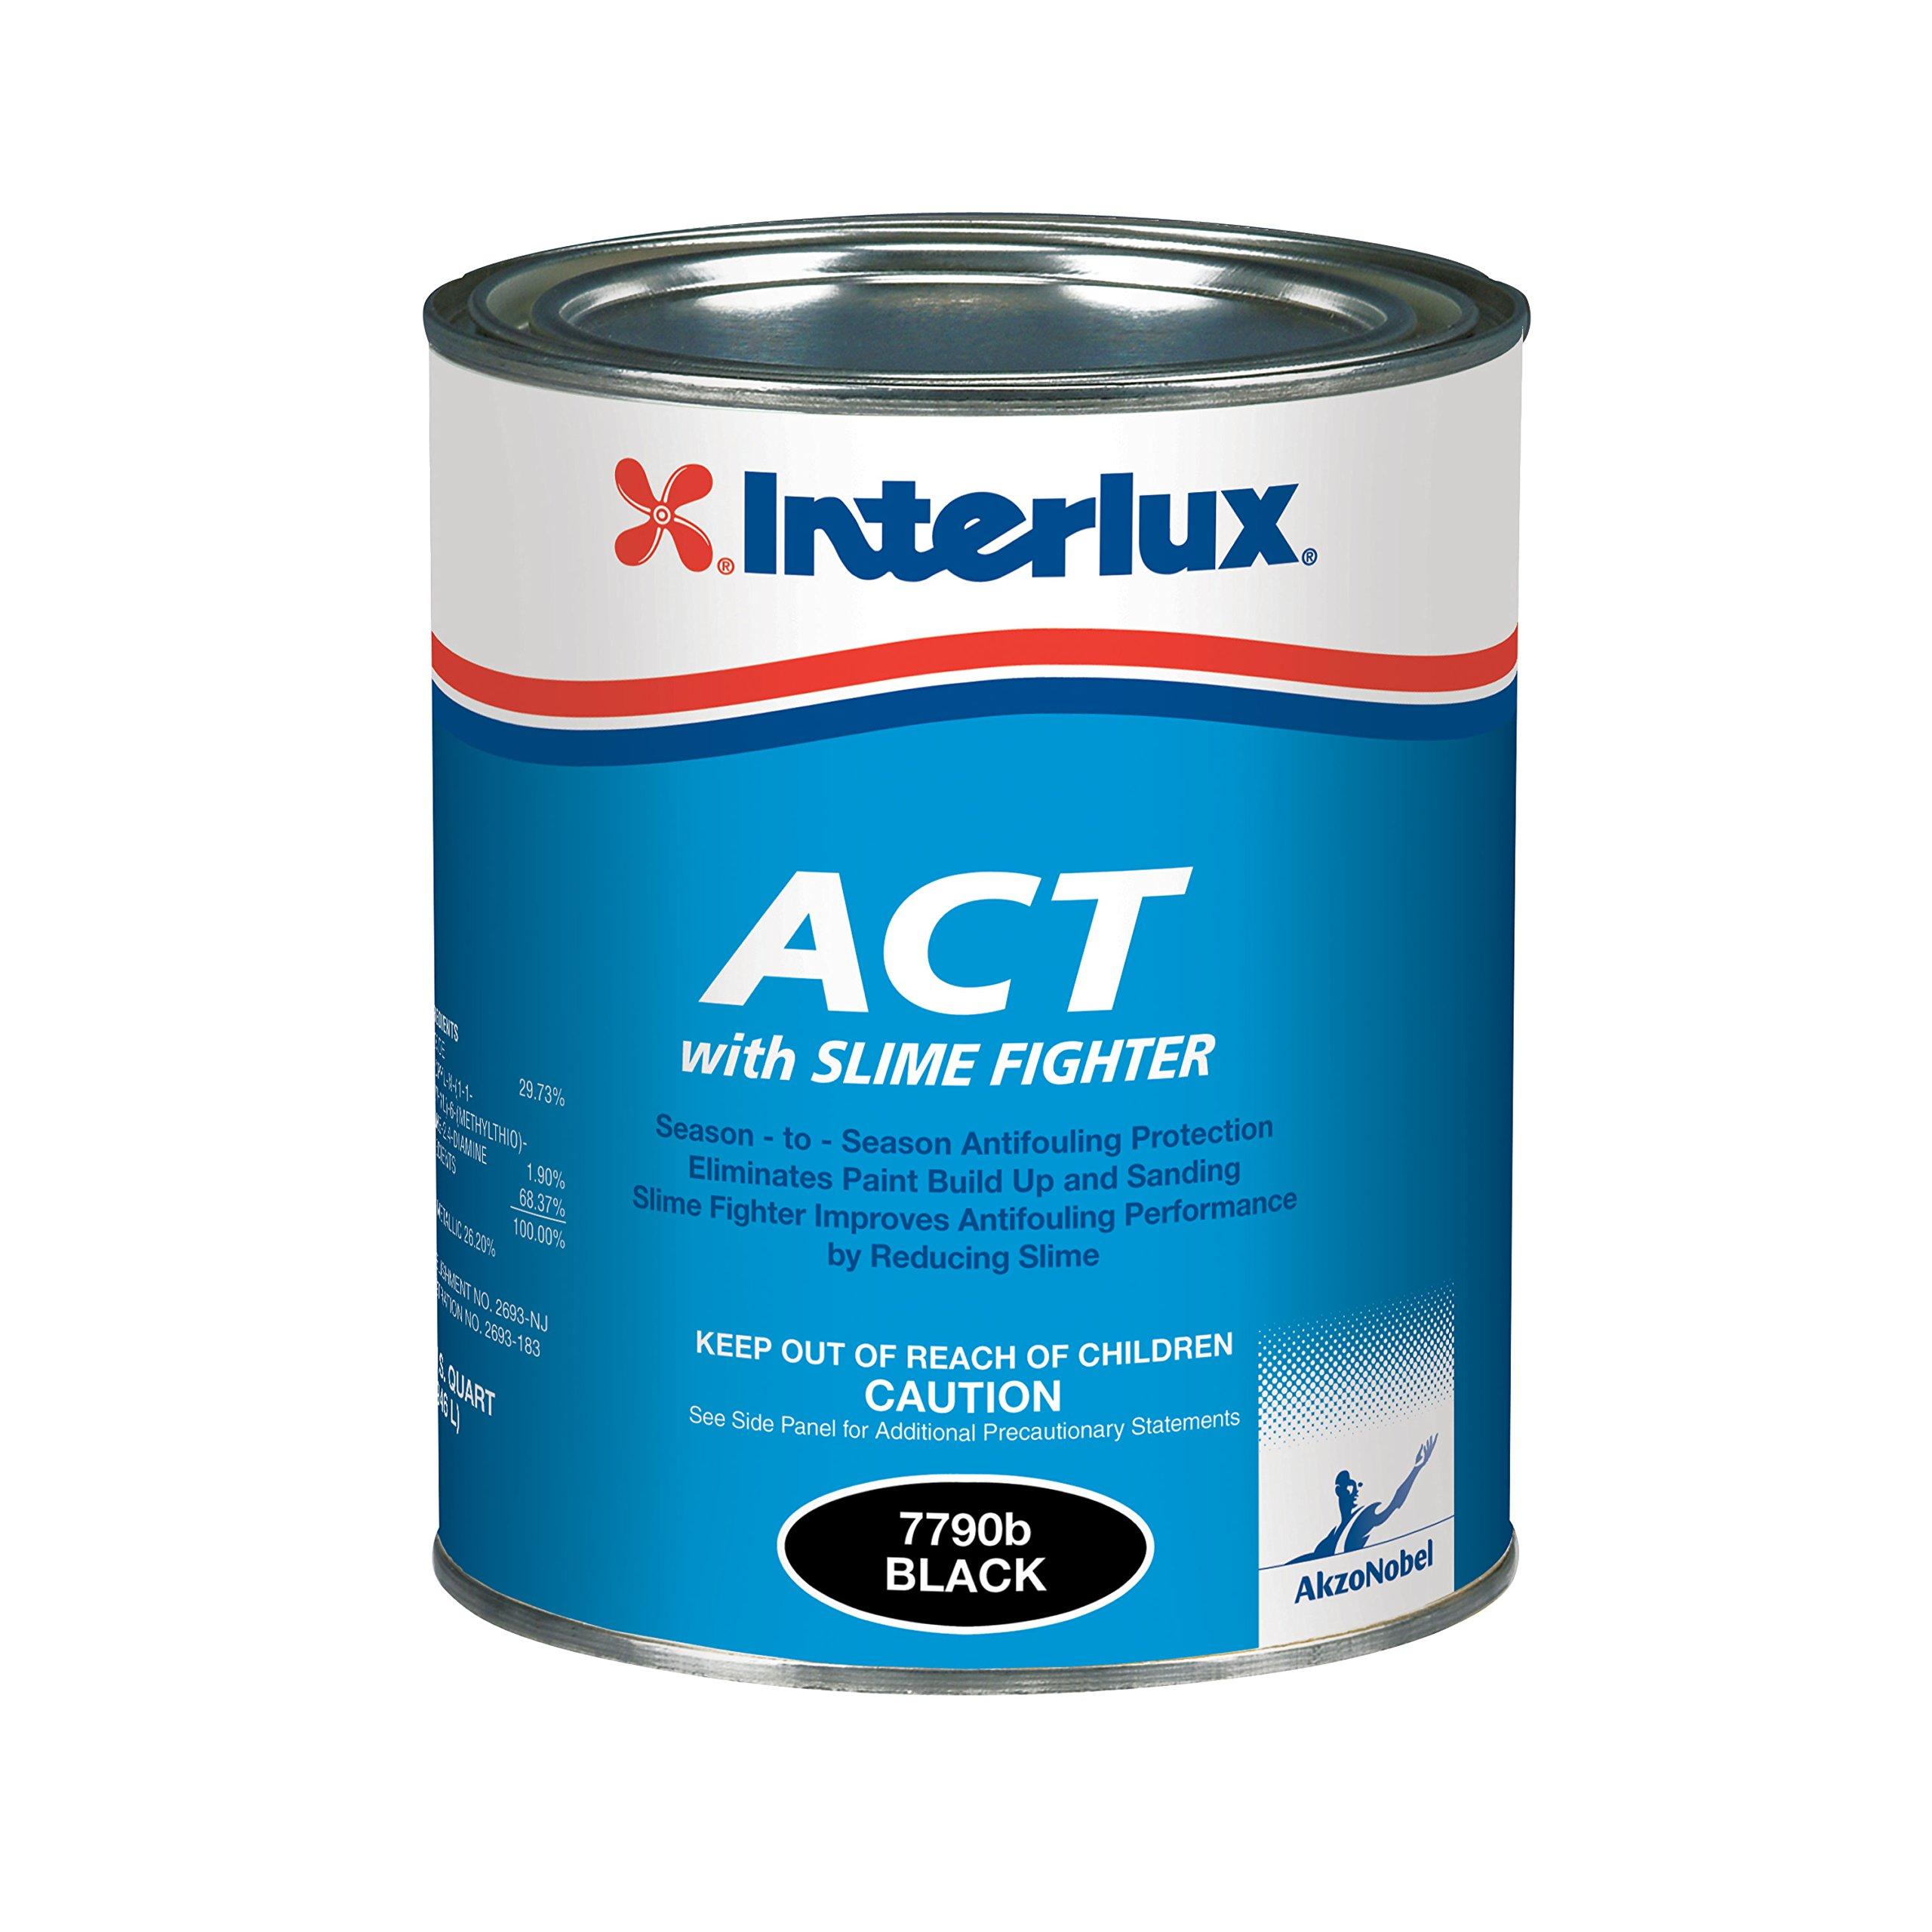 Interlux Y7790U/QT ACT Antifouling Paint (Black, Quart), 32. Fluid_Ounces